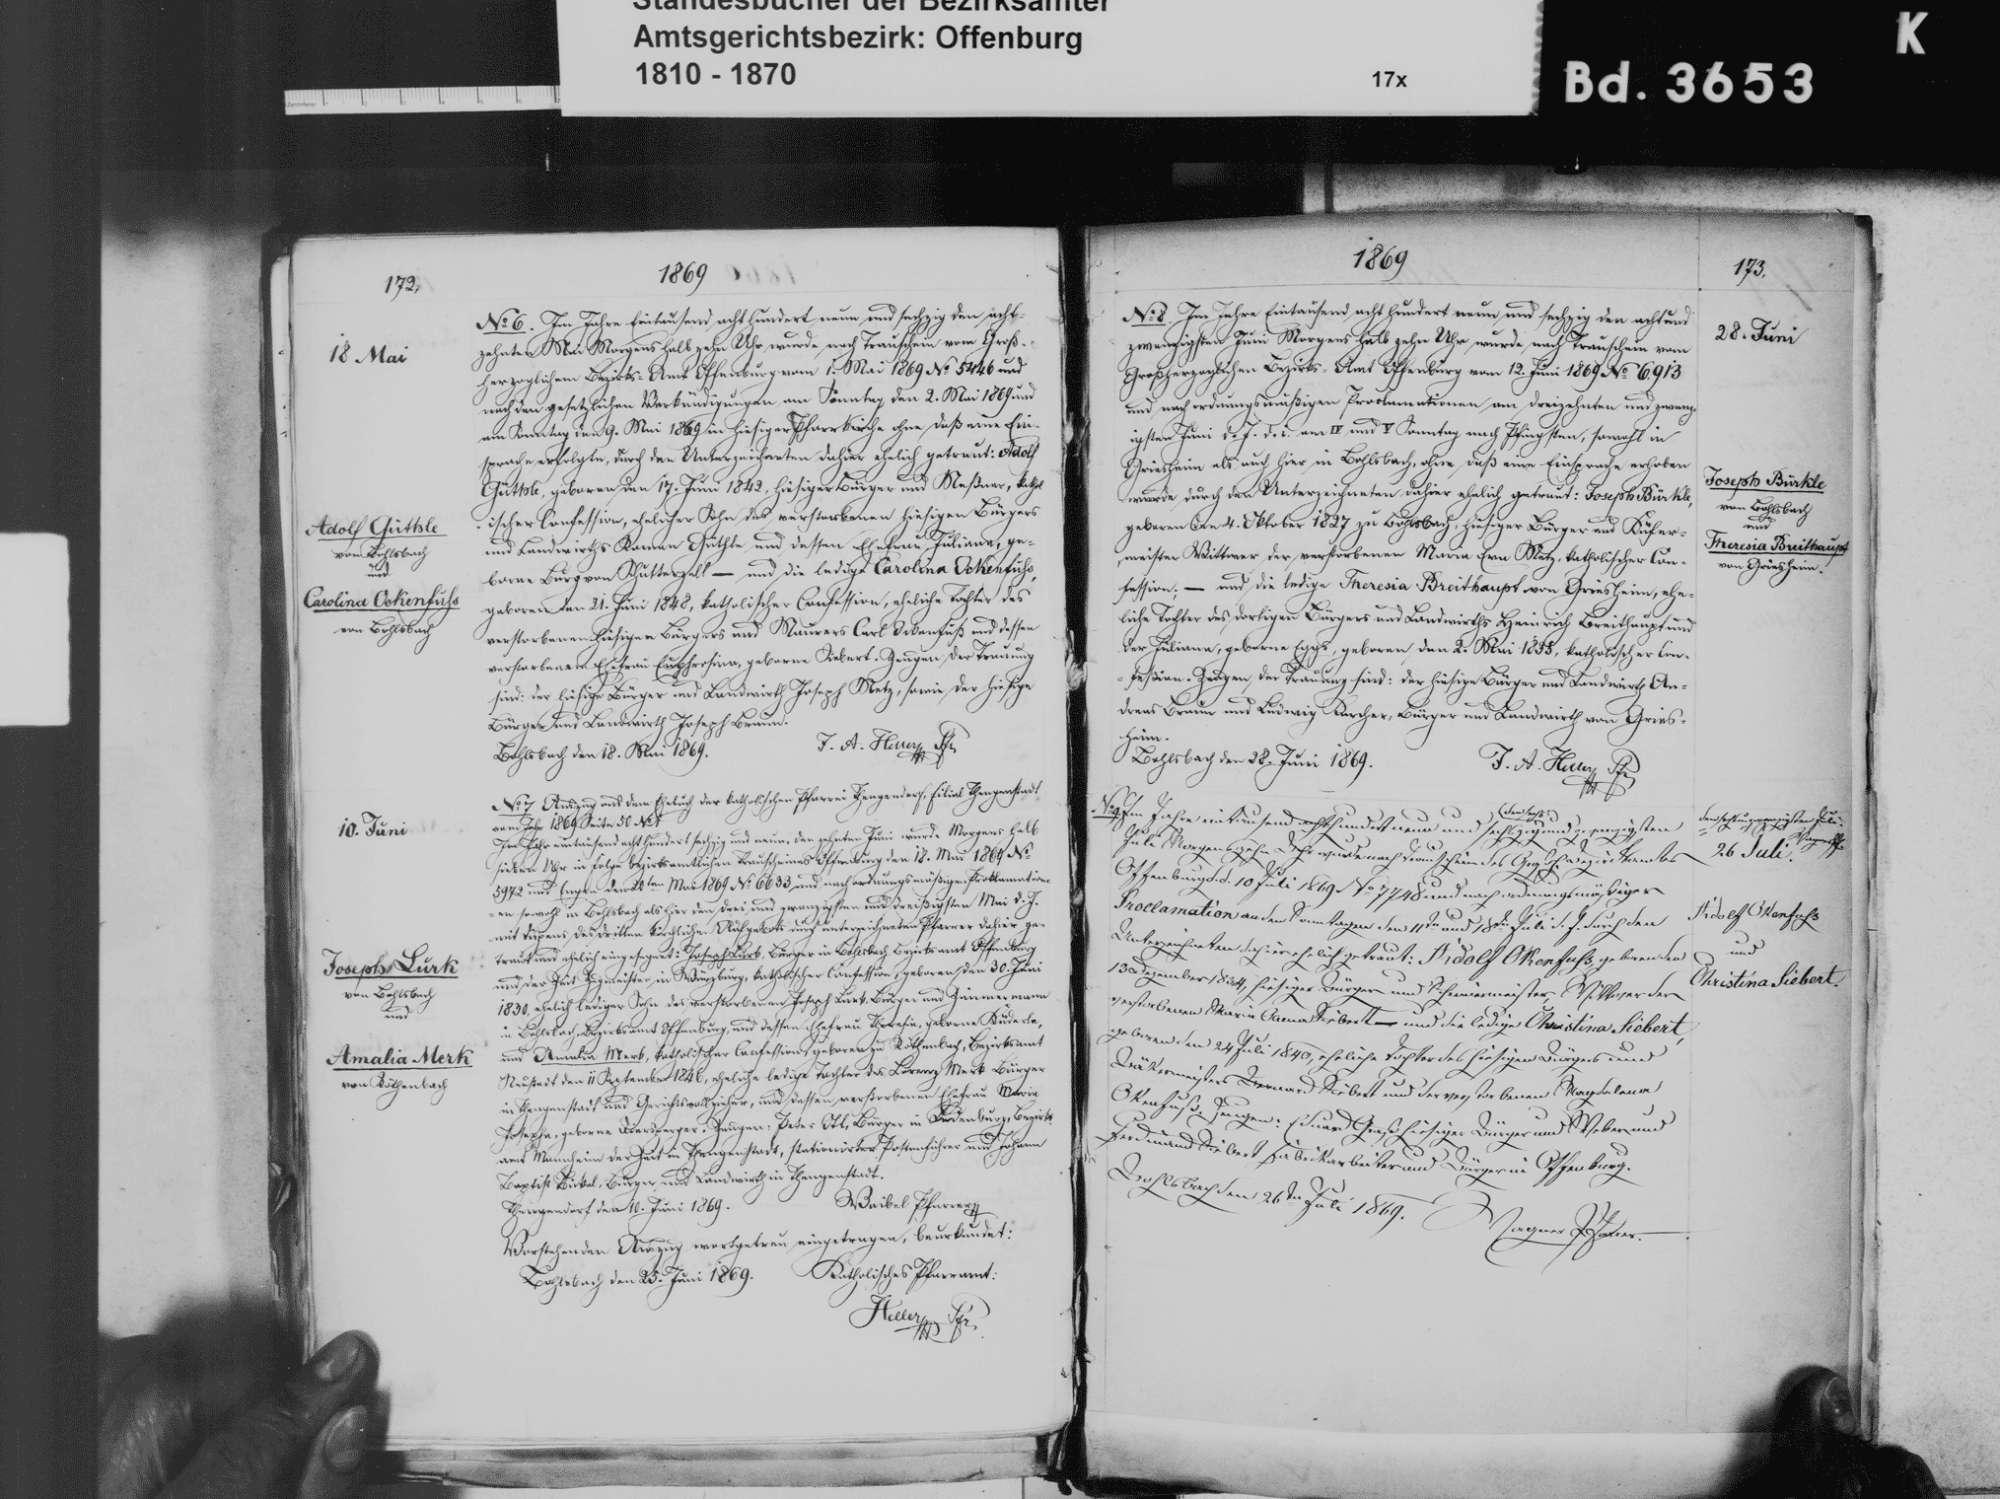 Bohlsbach, Offenburg OG; Katholische Gemeinde: Geburtenbuch 1831 Bohlsbach, Offenburg OG; Katholische Gemeinde: Heiratsbuch 1811-1870, Bild 3